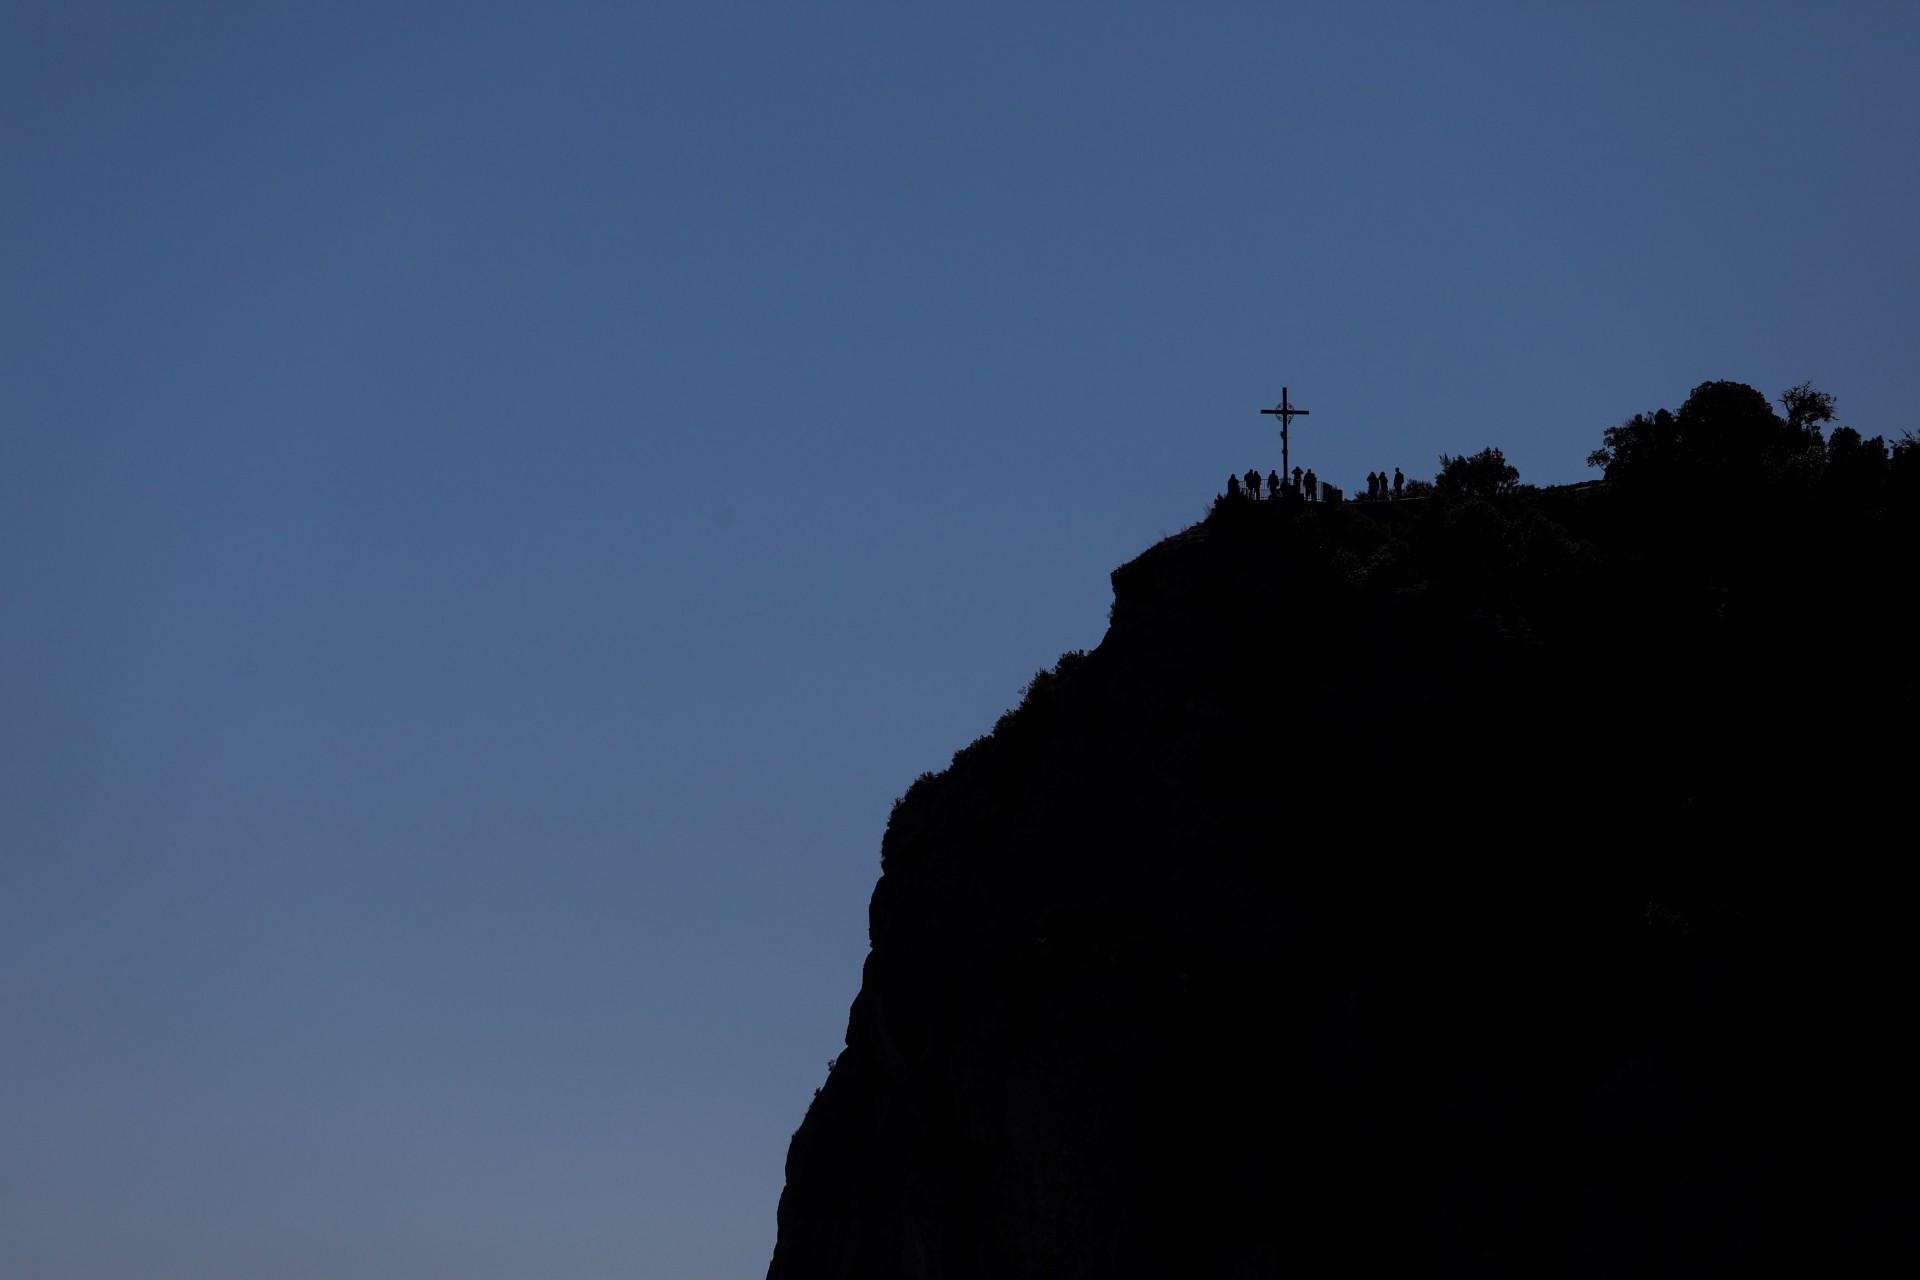 La cruz de San Miguel se ve en los alrededores de la abadía de Montserrat.